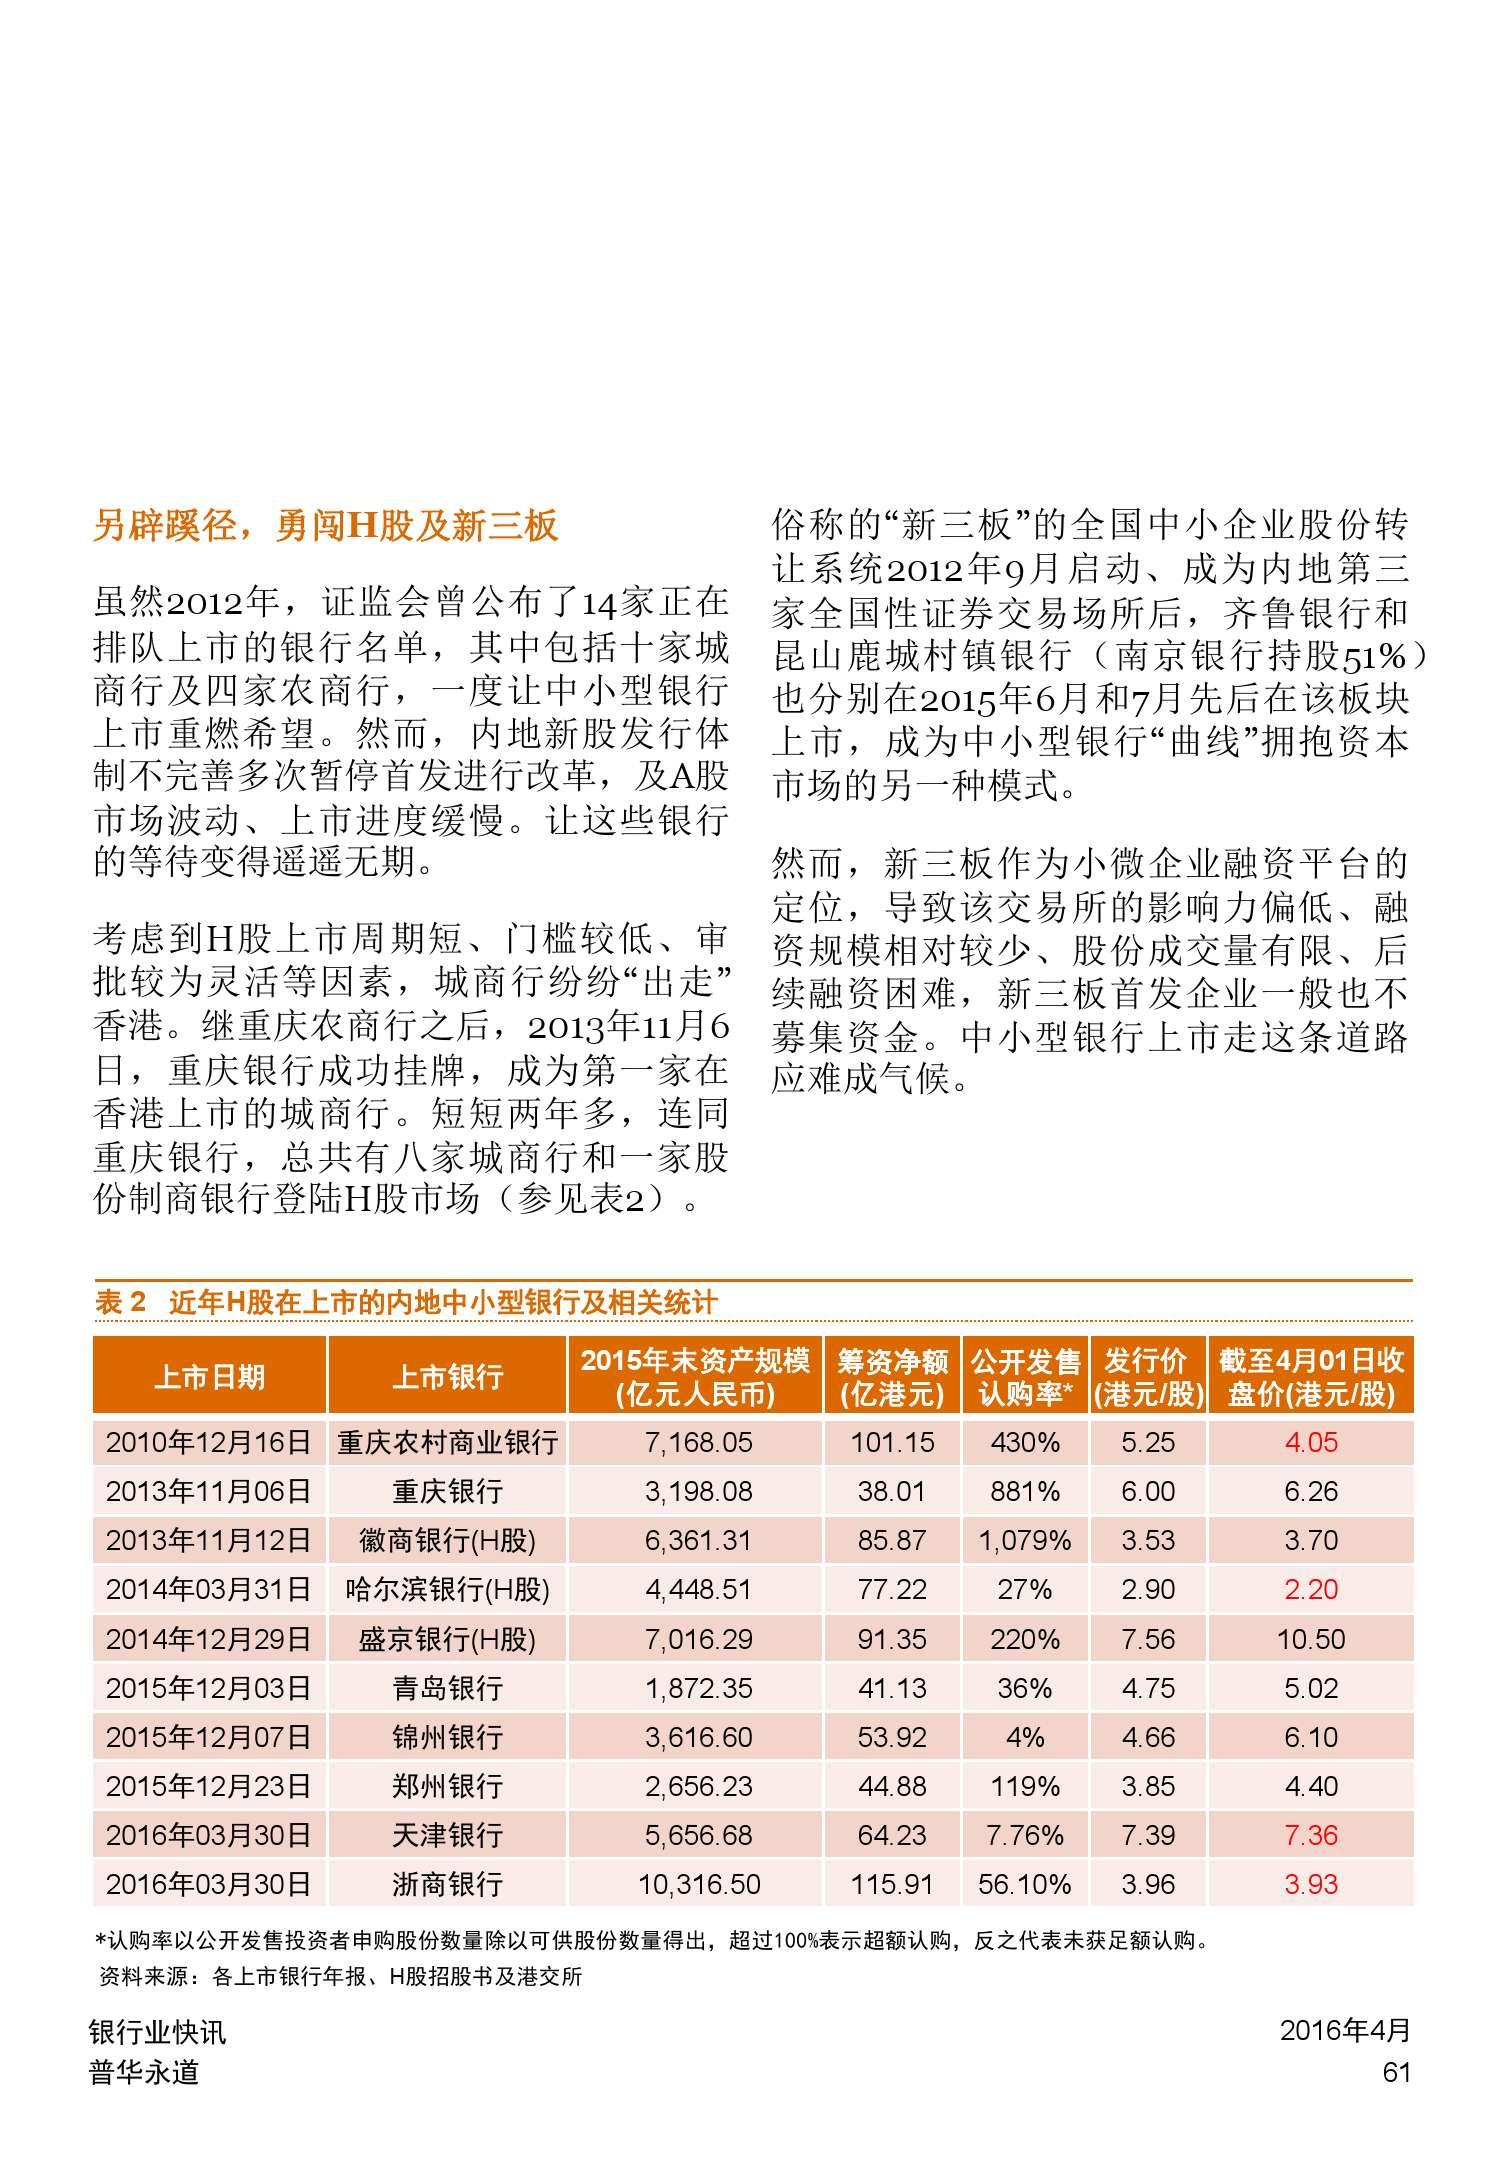 普华永道:2015年中国银行业回顾与展望_000061